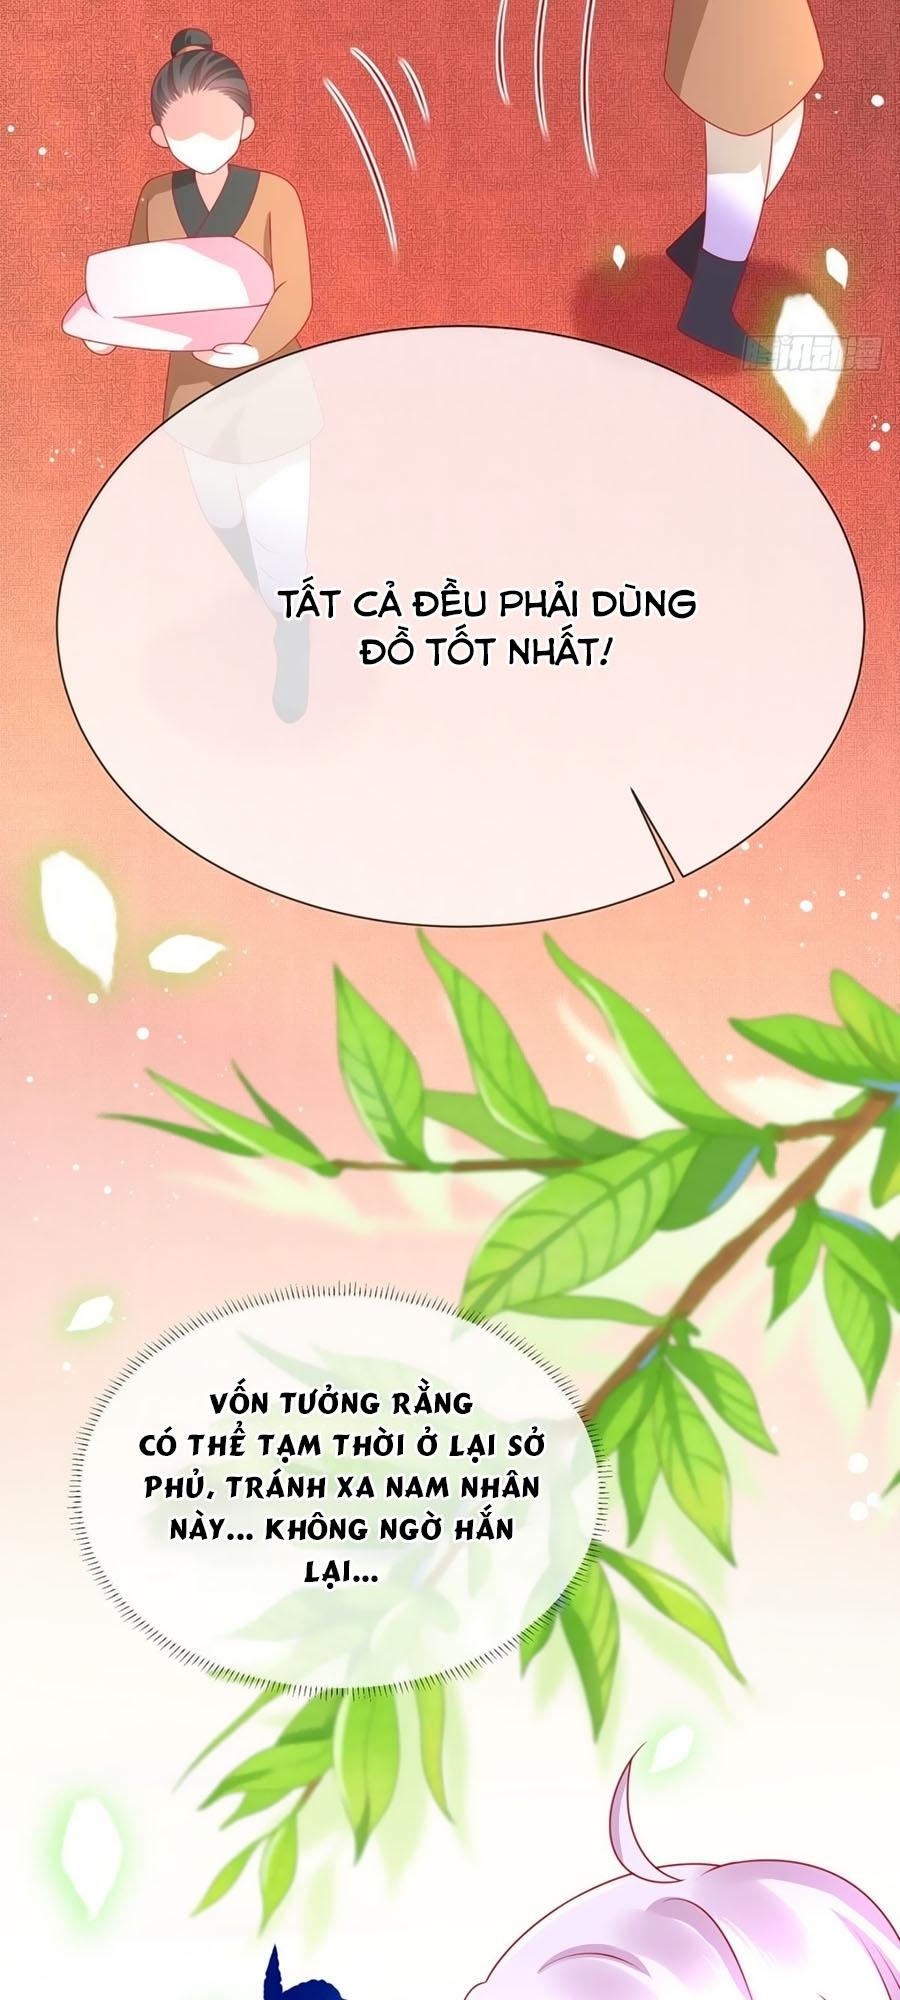 Dưỡng Thú Vi Phi chap 13 - Trang 35